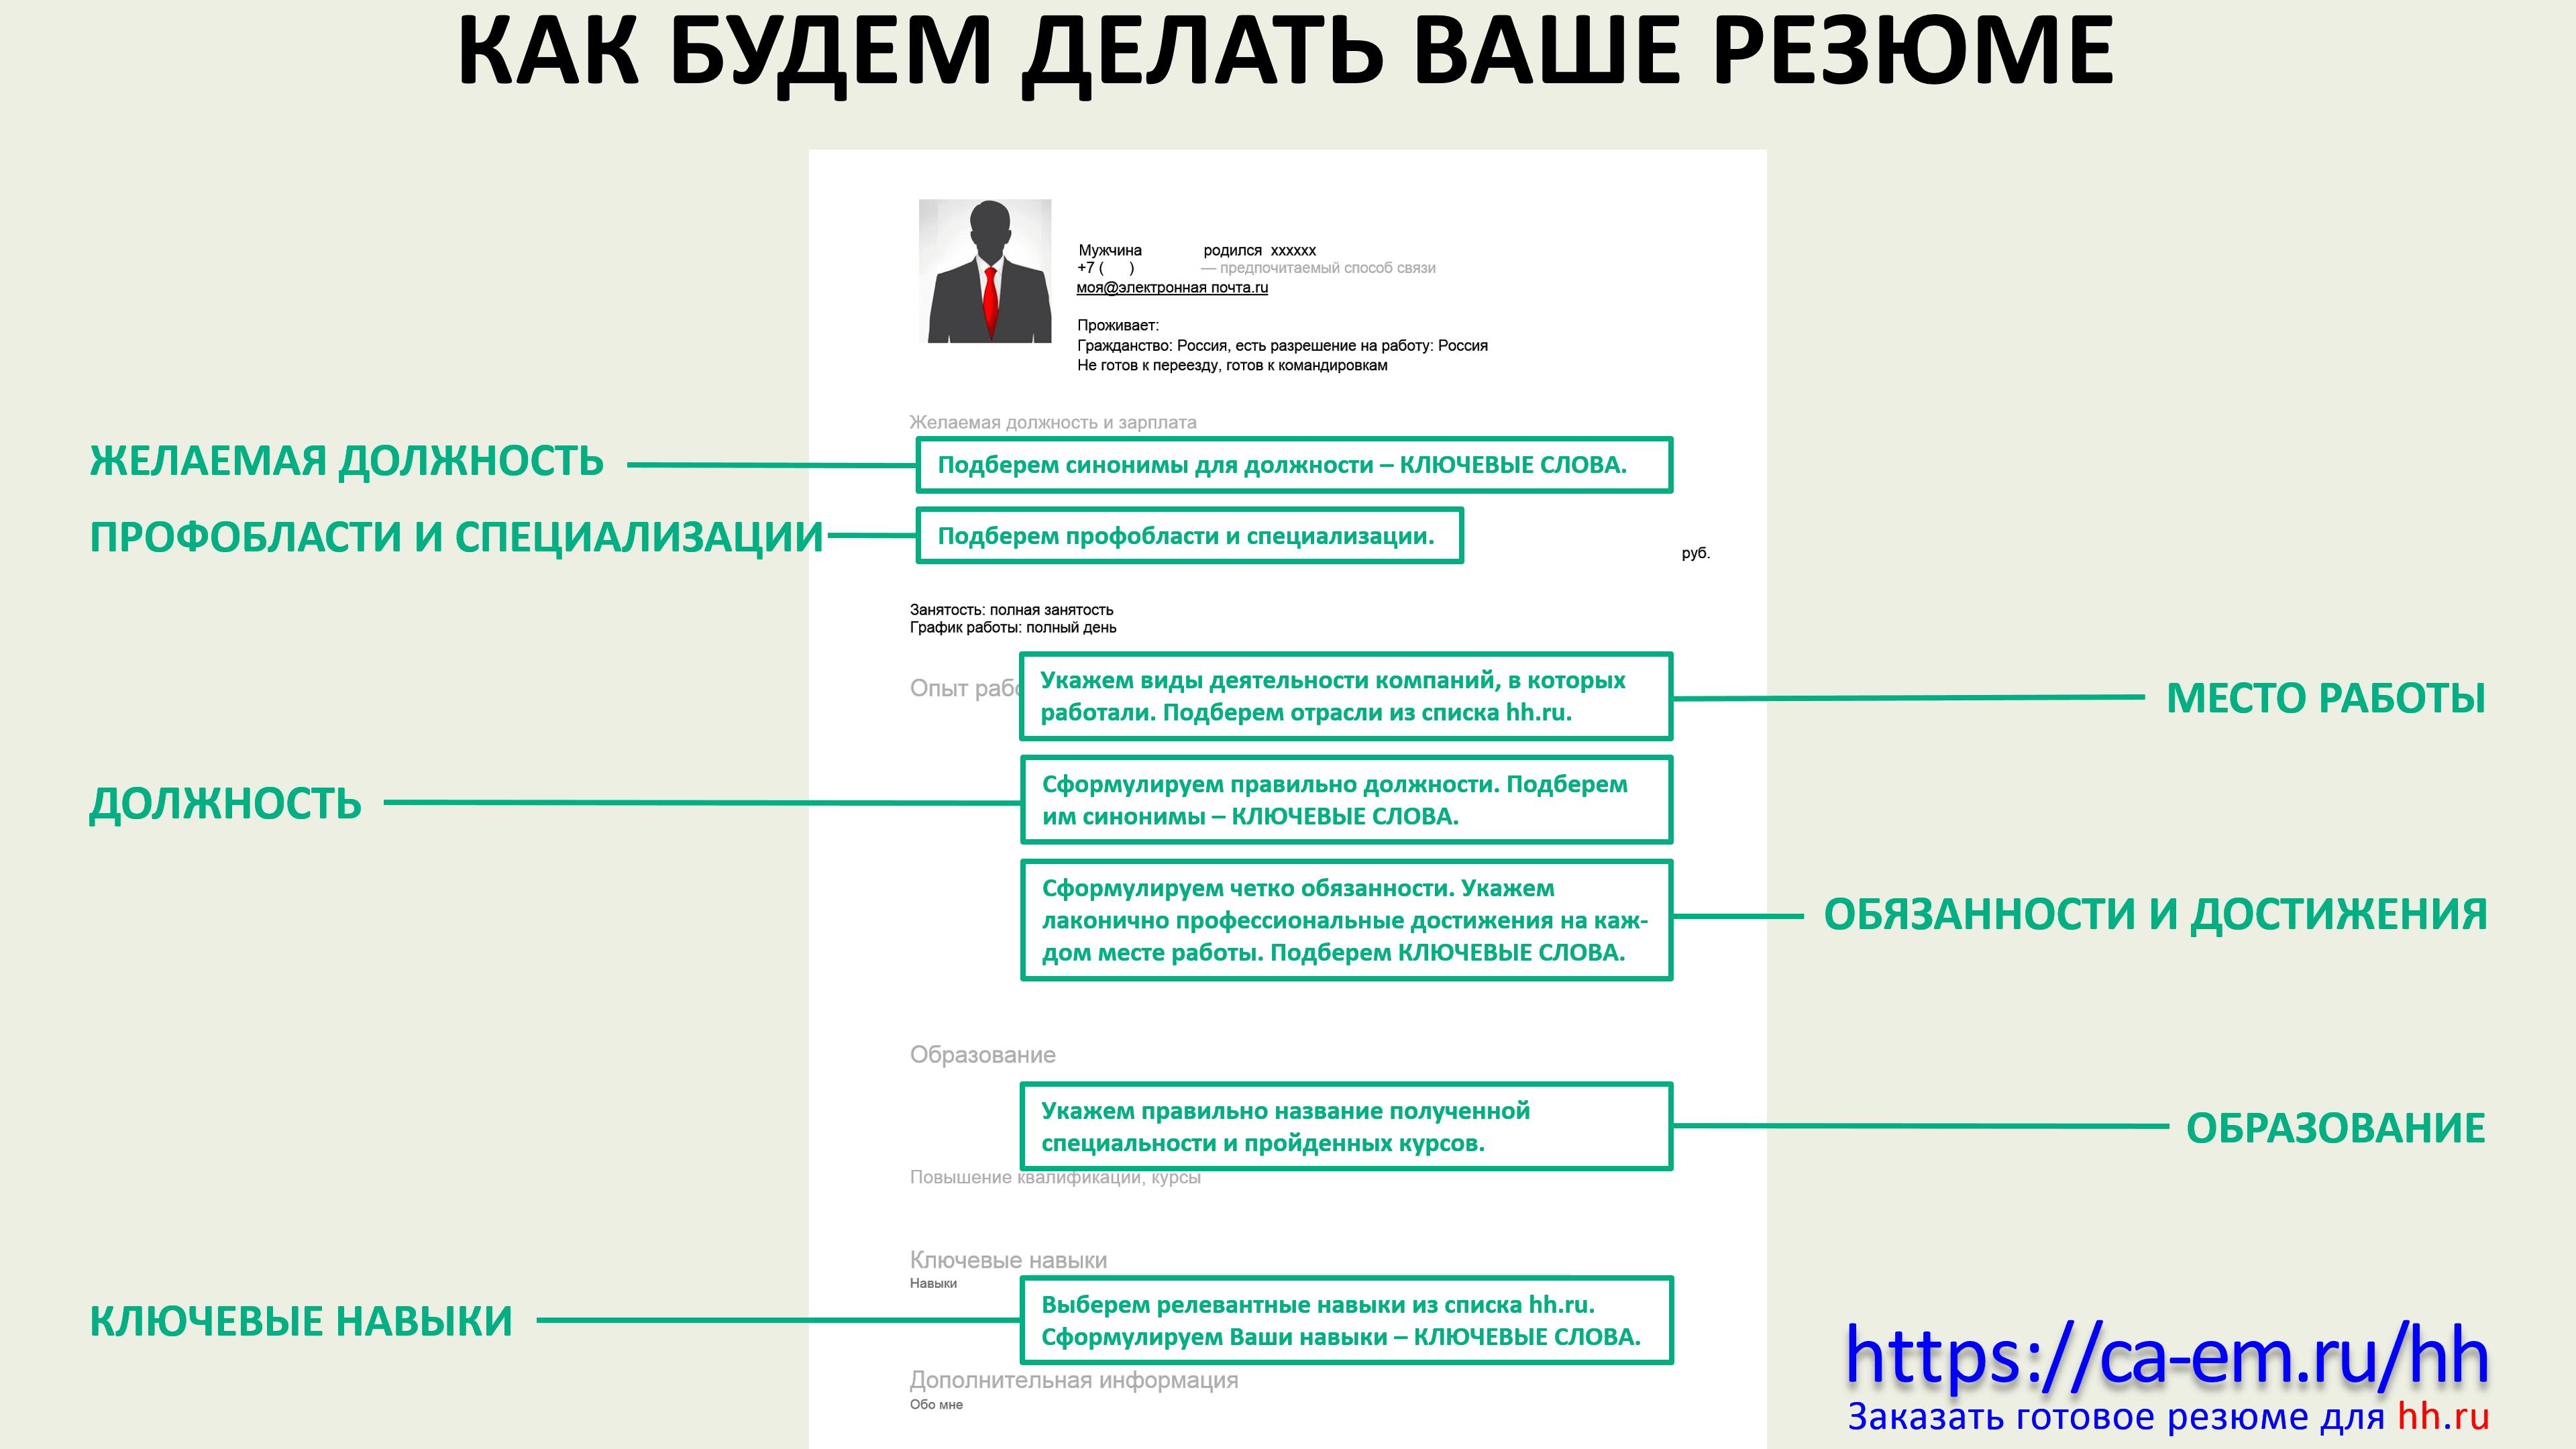 Помощь в составлении резюме на hh.ru